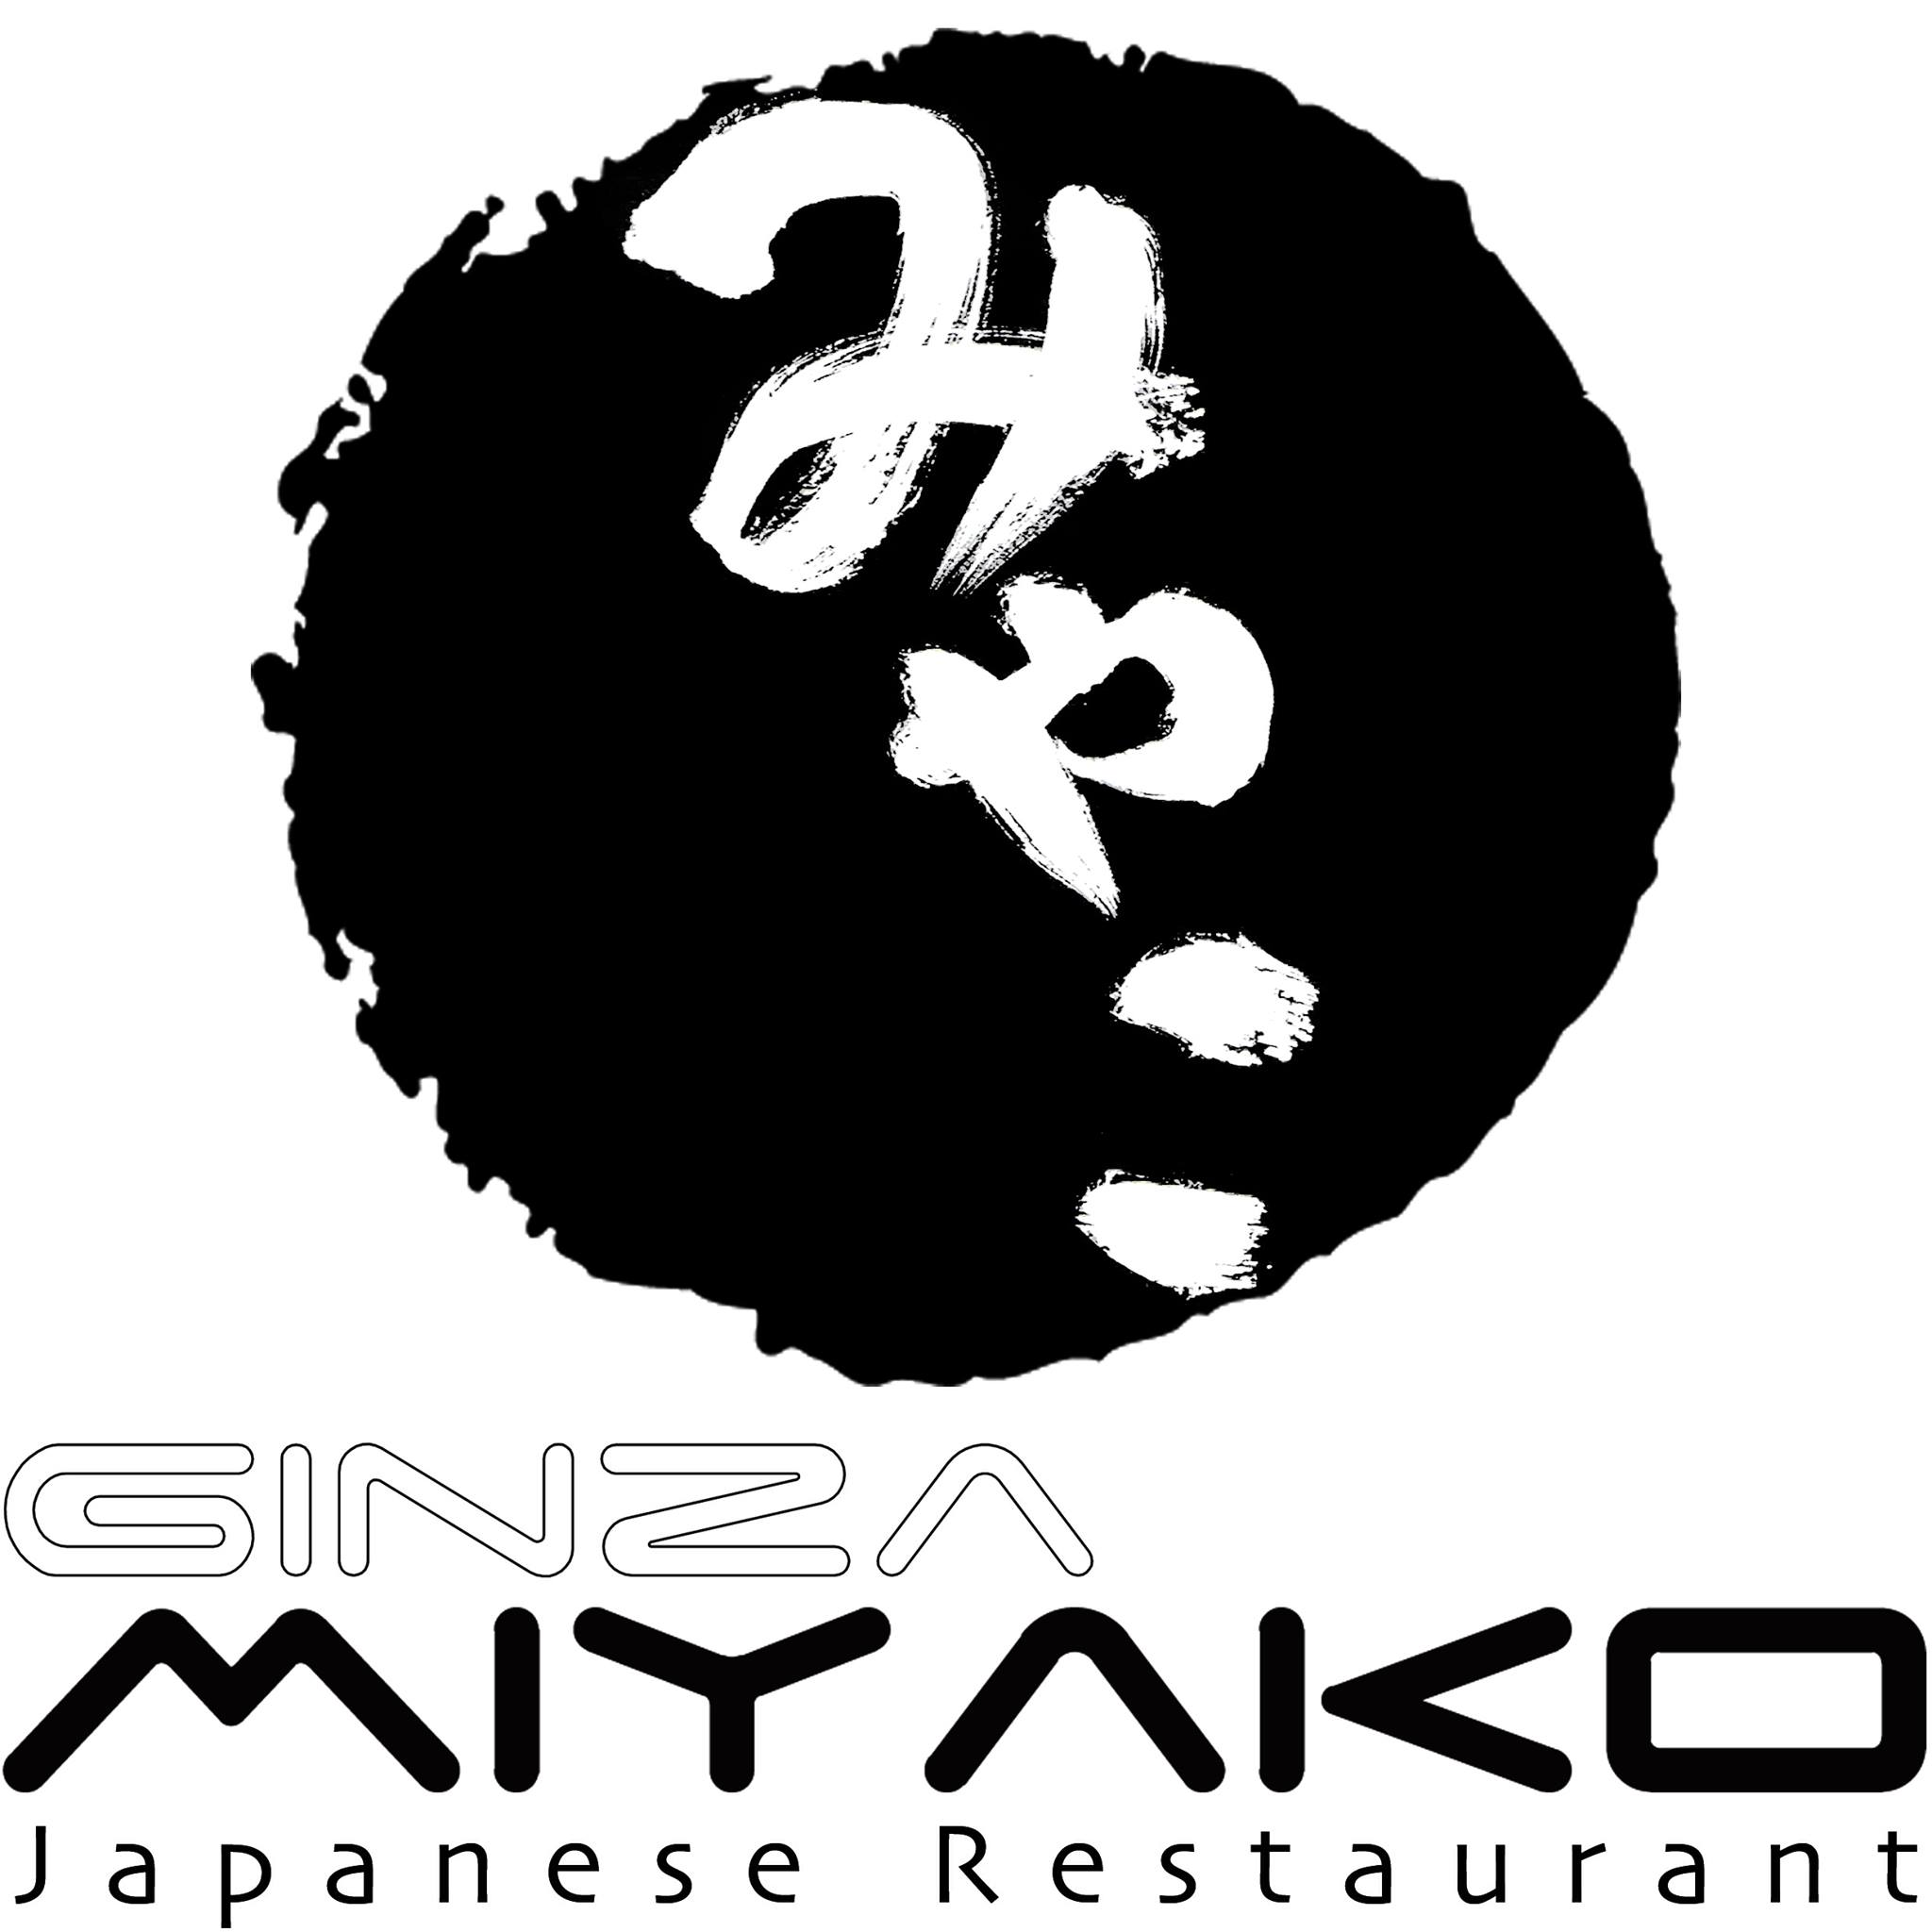 Ginza Miyako Japanese Restaurant logo